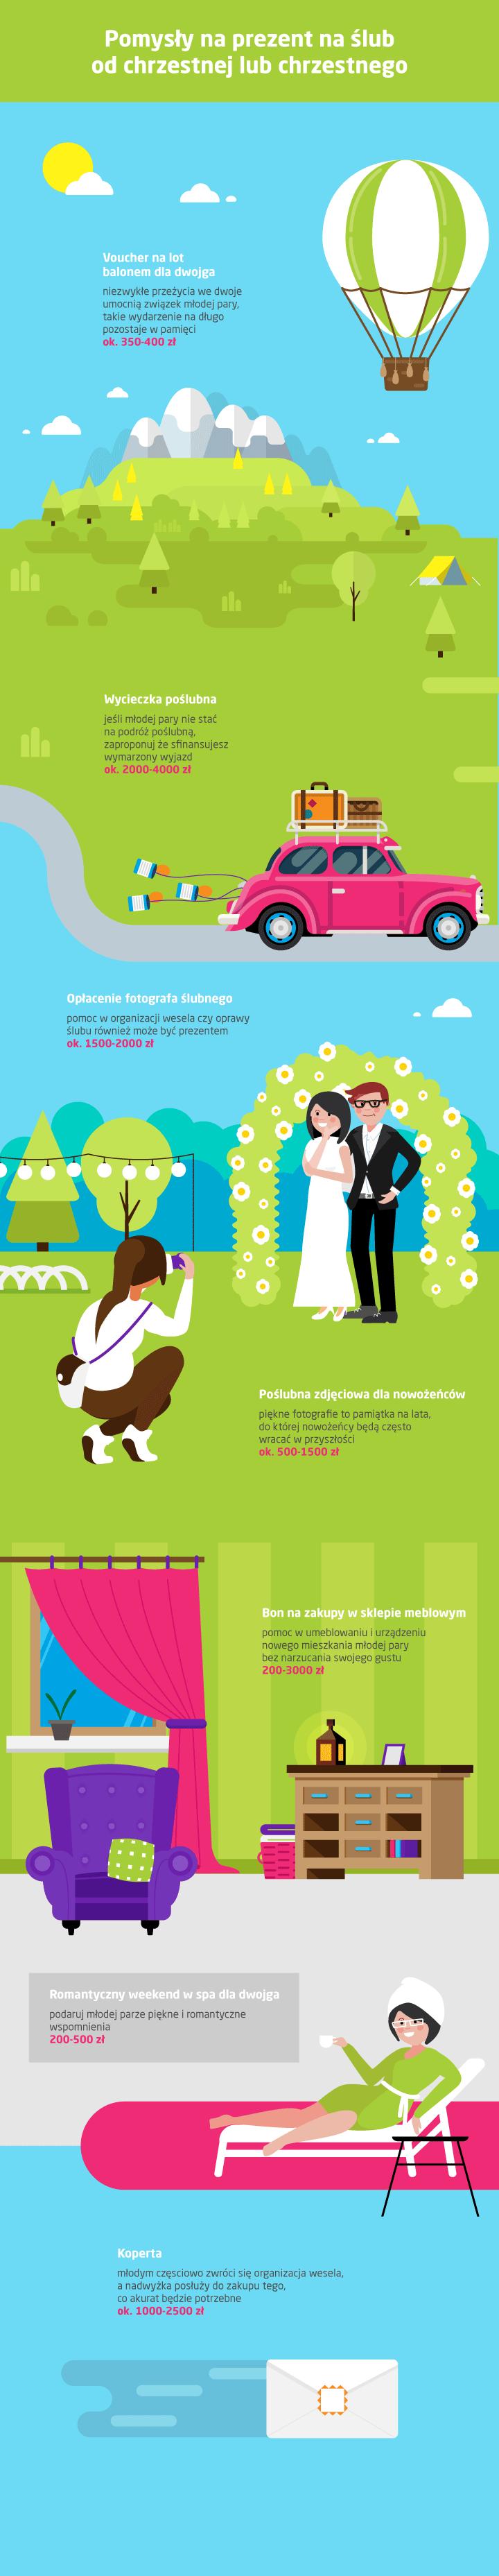 b1dc4c1e78 Prezent na ślub od chrzestnej i chrzestnego - Organizacja i ...